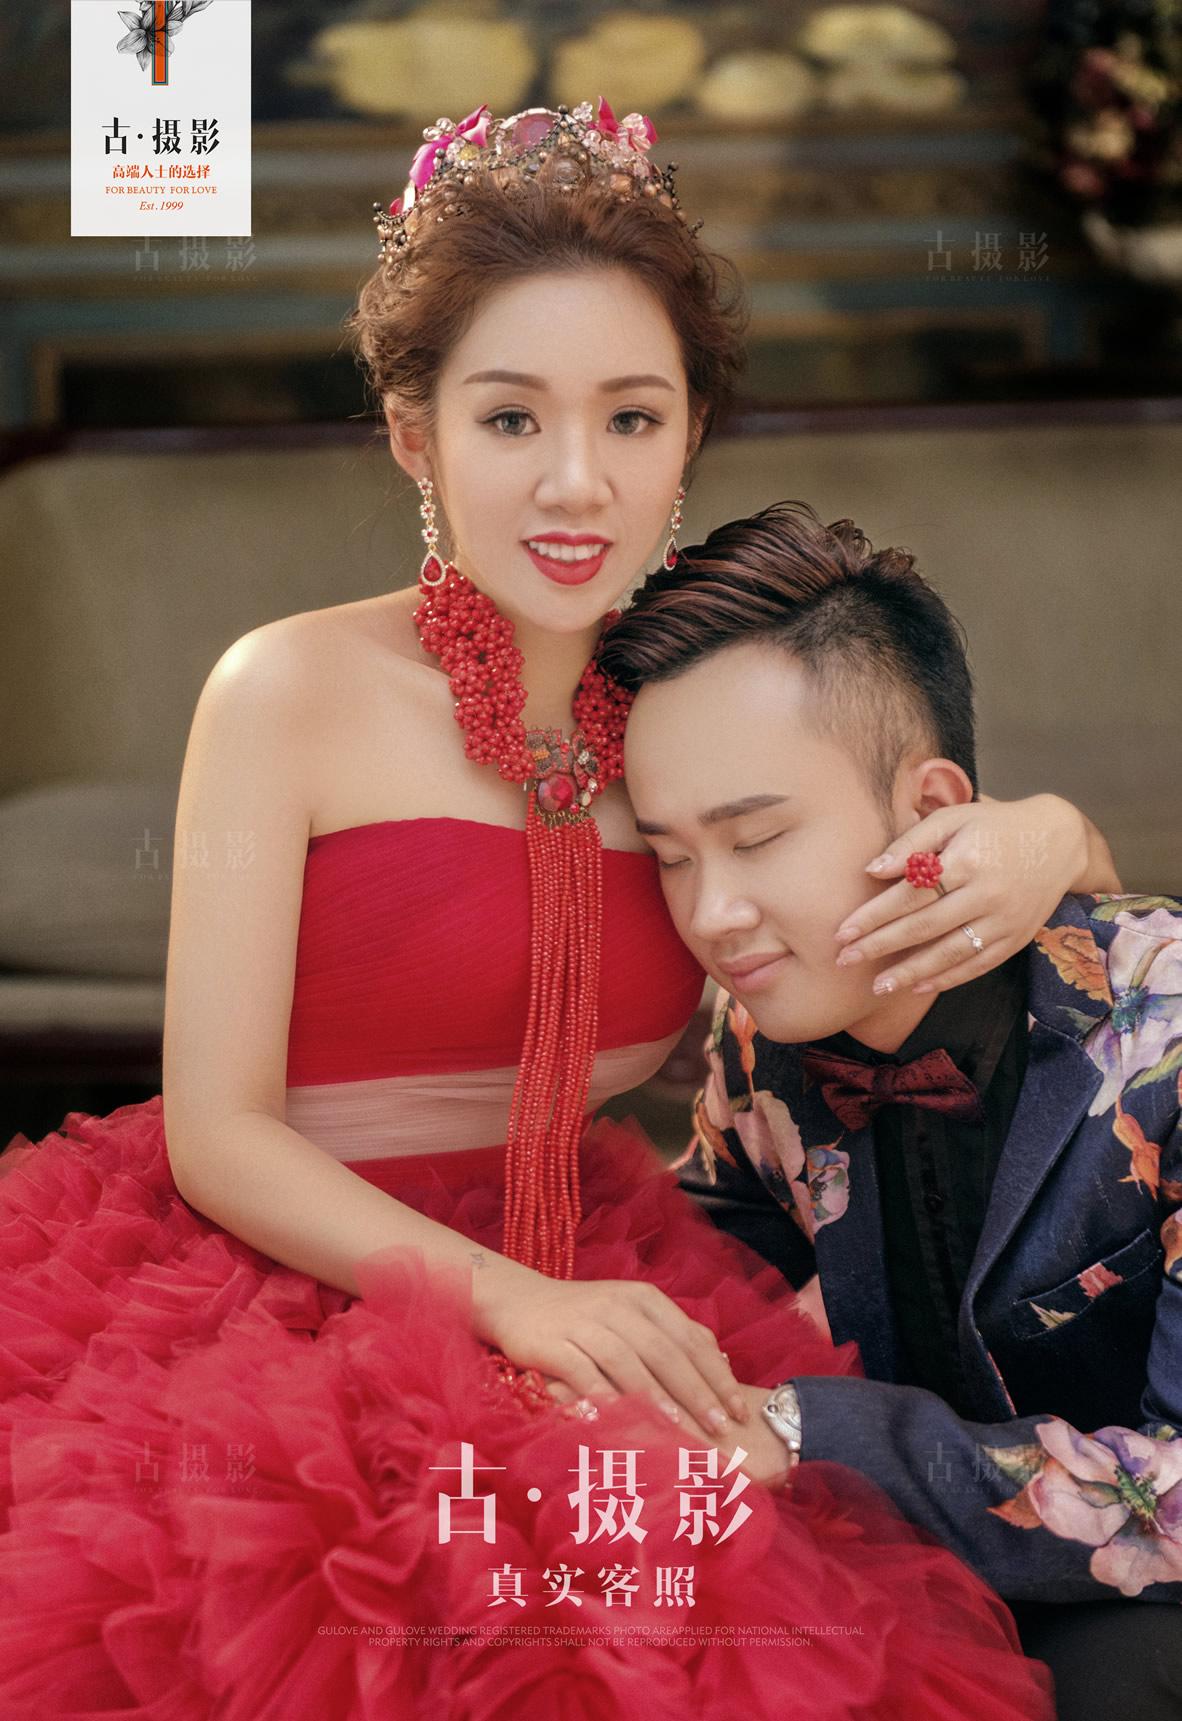 7月30日客片欧阳先生 何小姐 - 每日客照 - 广州婚纱摄影-广州古摄影官网